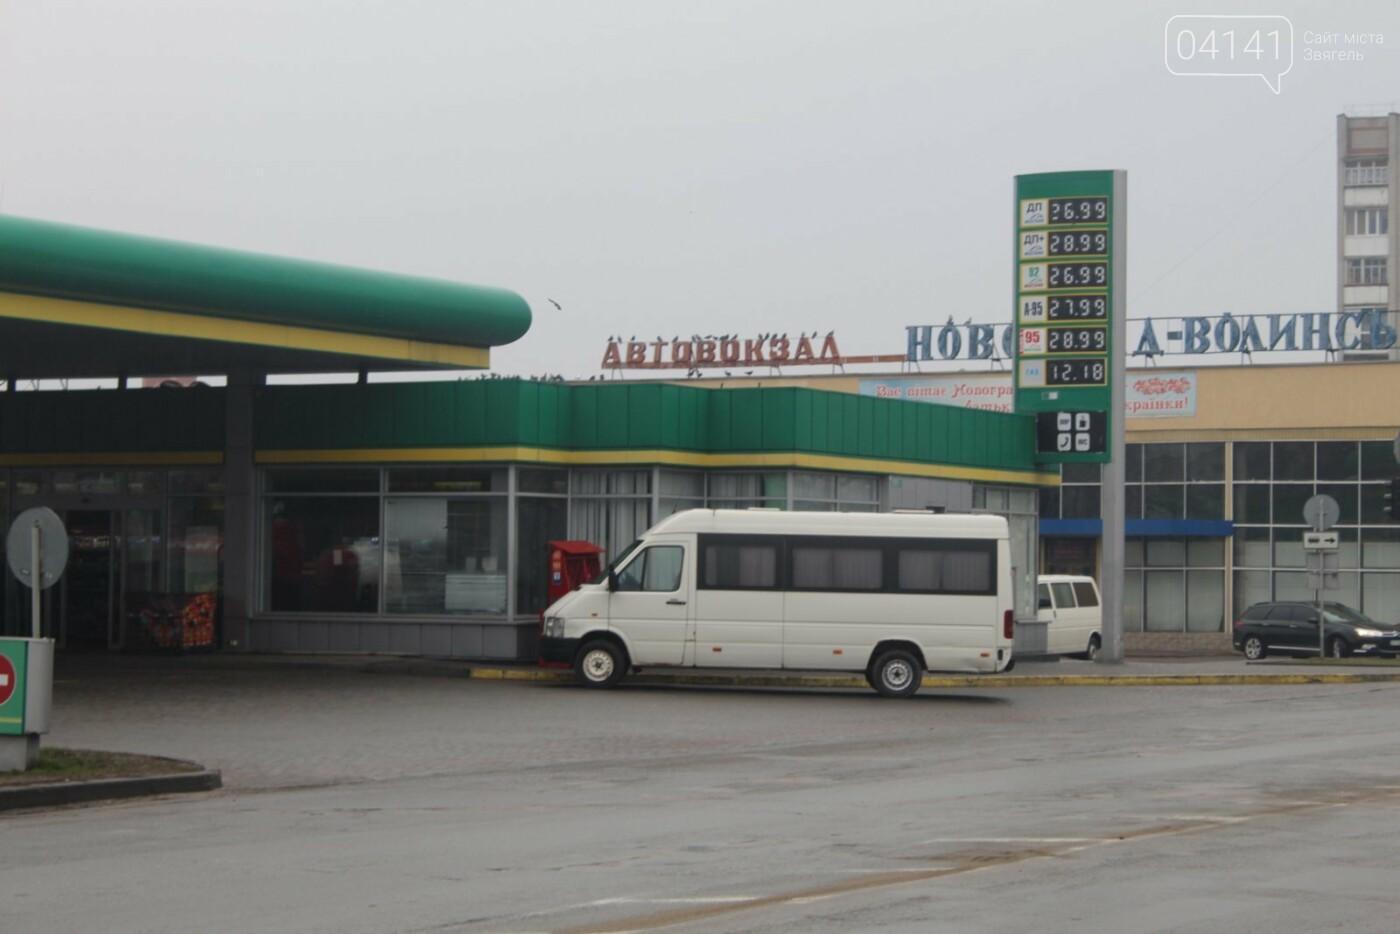 Де в Новограді заправлятися найдешевше?: Огляд актуальниx цін на паливо (ФОТО), фото-3